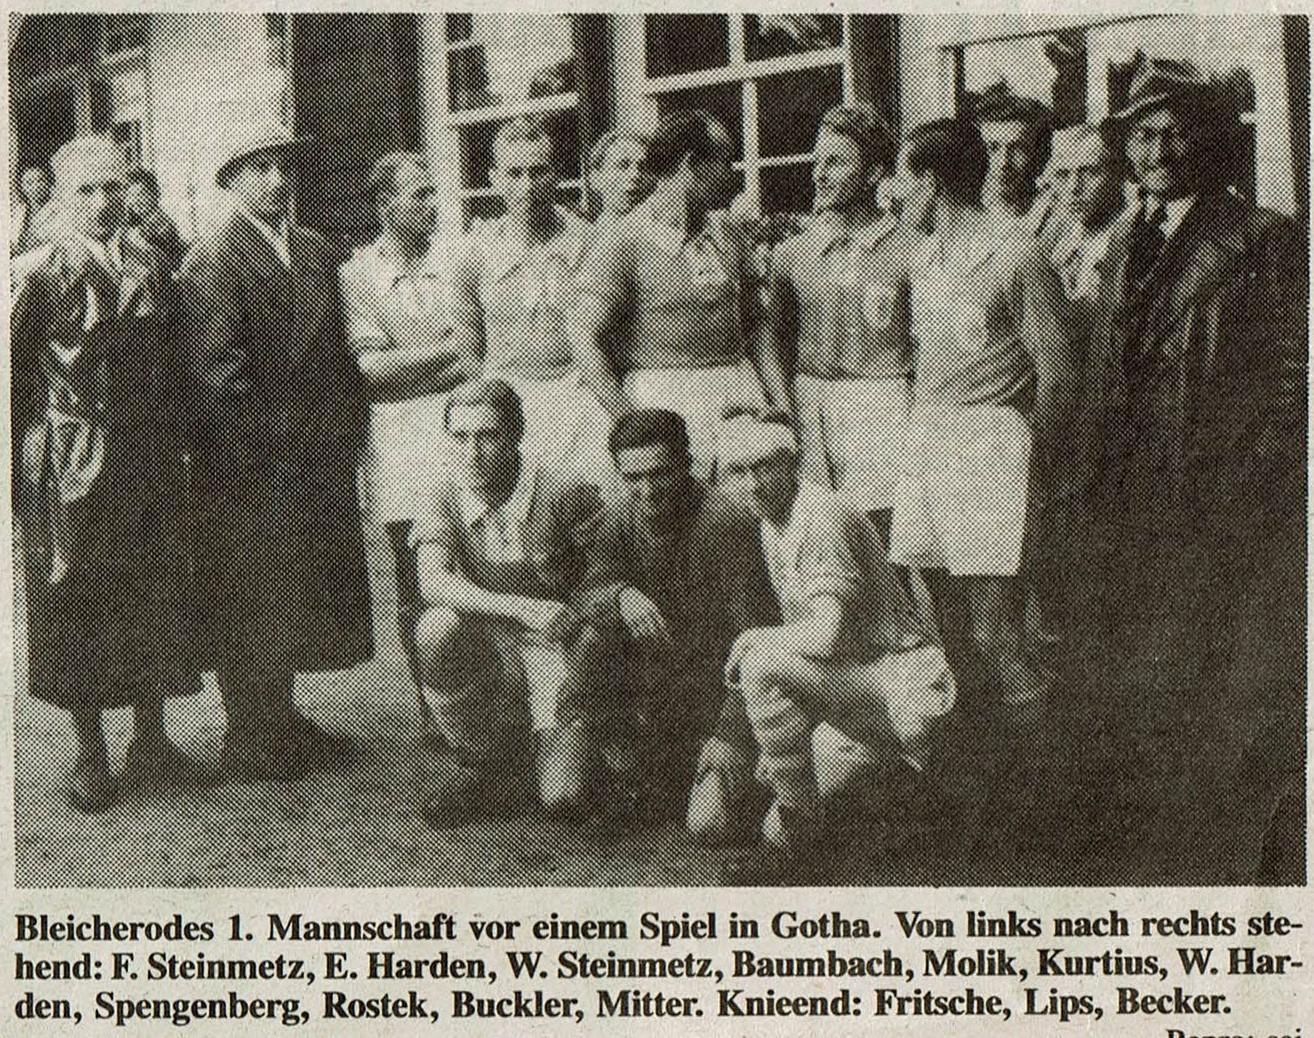 Bleicherode 1. Mannschaft1948